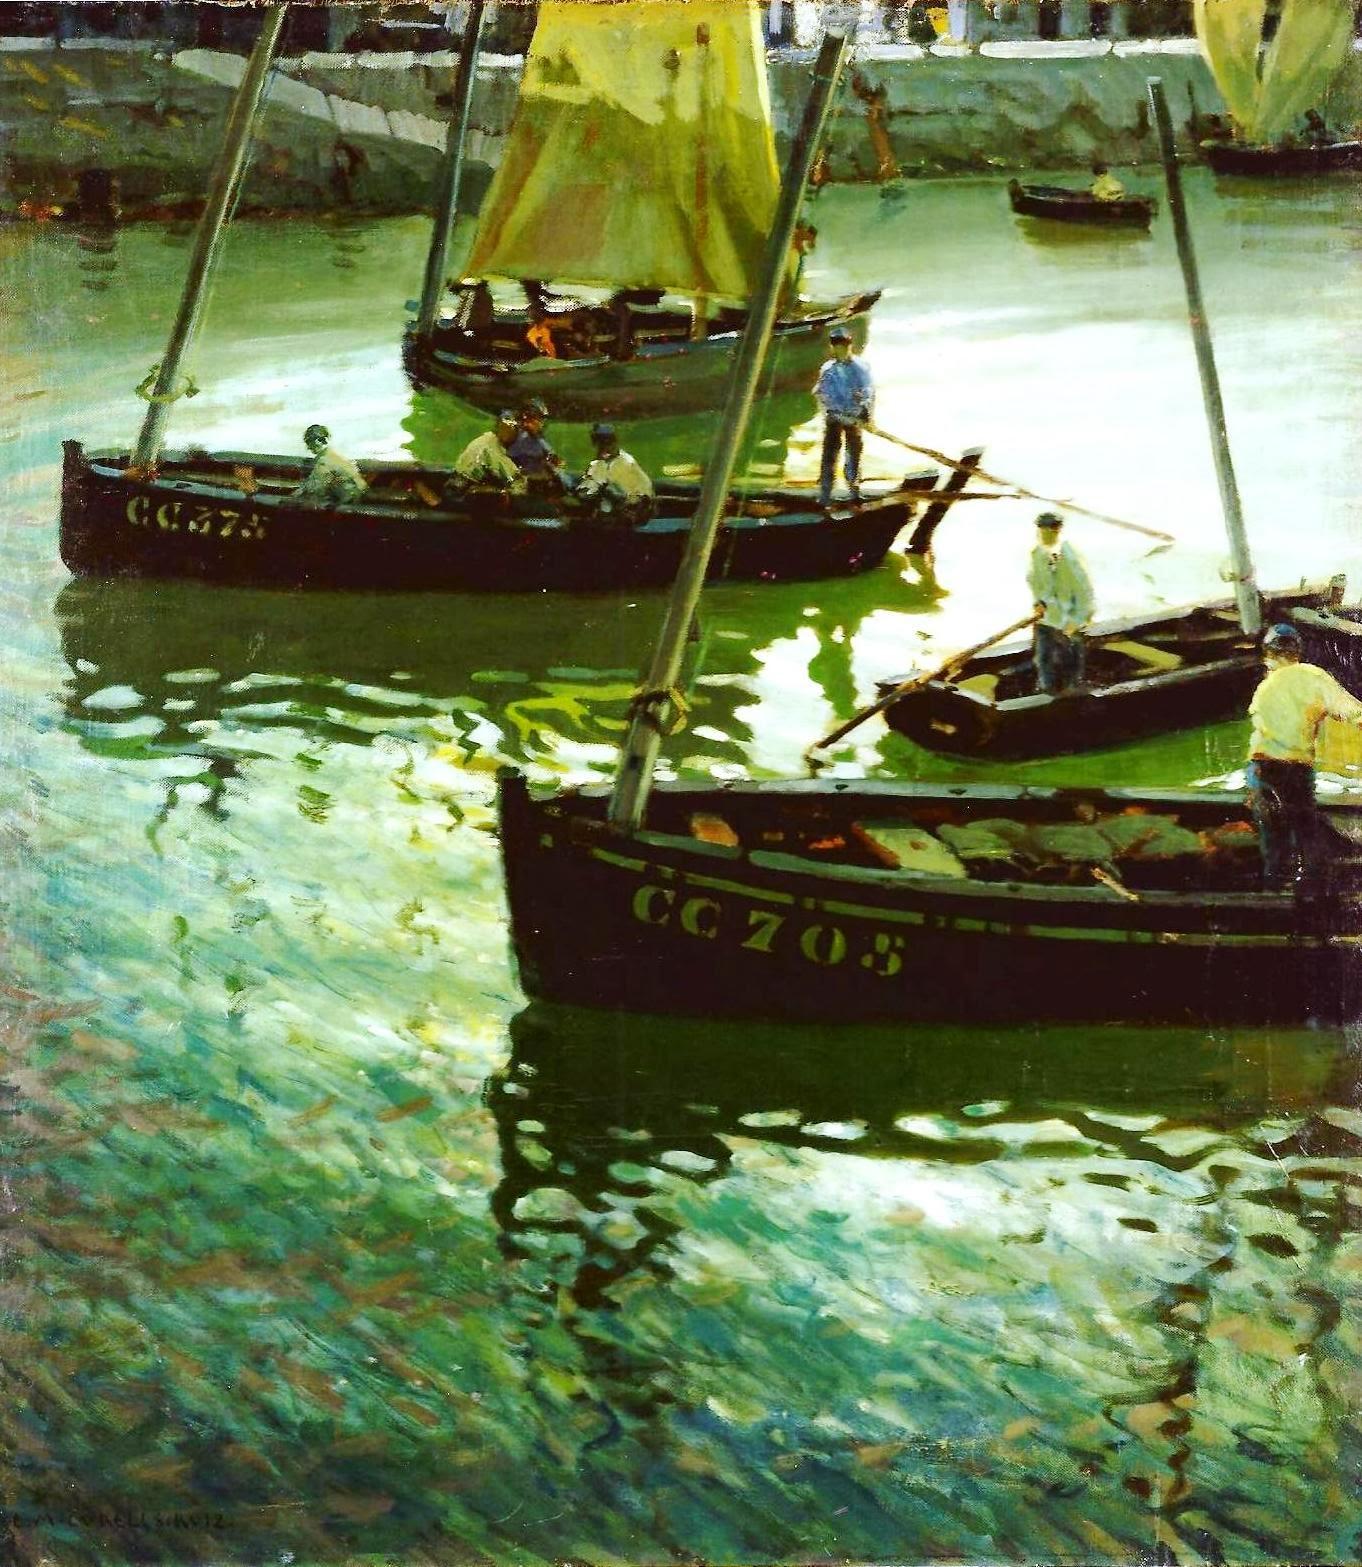 Pescadores en las barcas, Reflejos en el puerto, Enrique Martínez Cubells, Pintor español, Pintores españoles, Martínez Cubells, Paisajes de Enrique Martínez Cubells, Pintores Valencianos